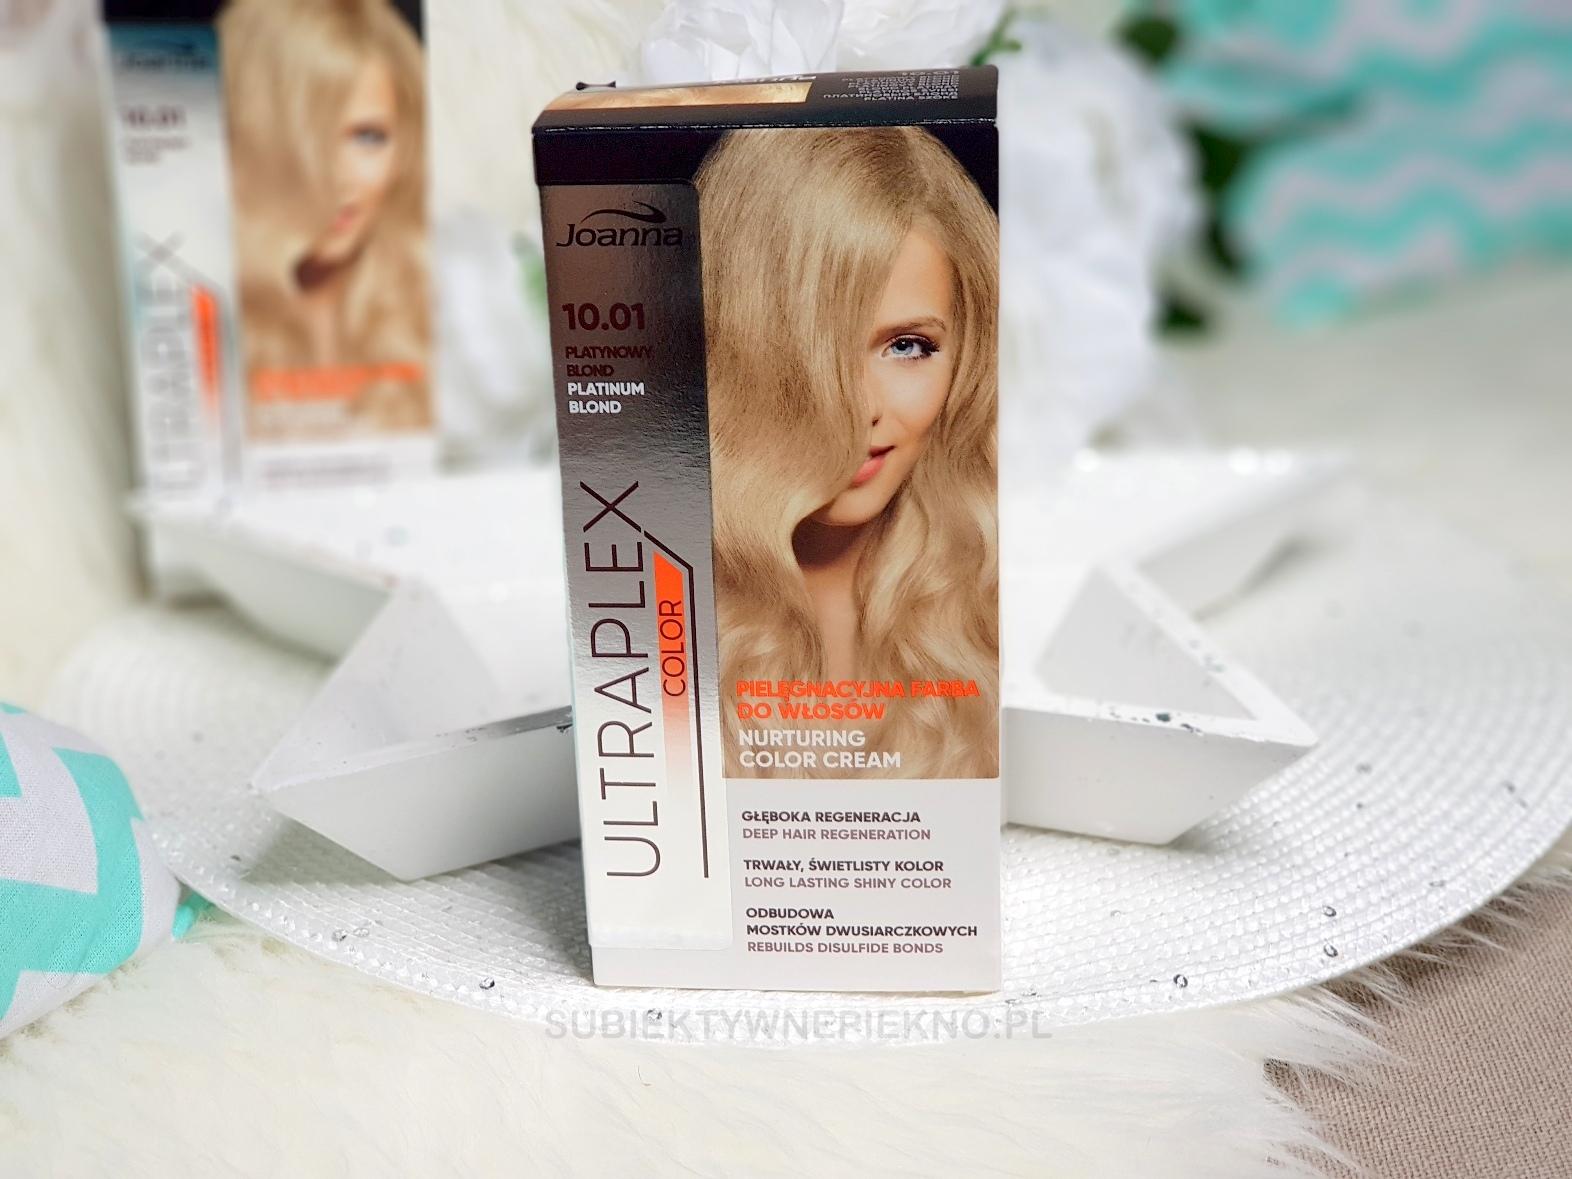 Ultraplex Color - nowa farba do włosów Joanna w odcieniu 10.01 platynowy blond